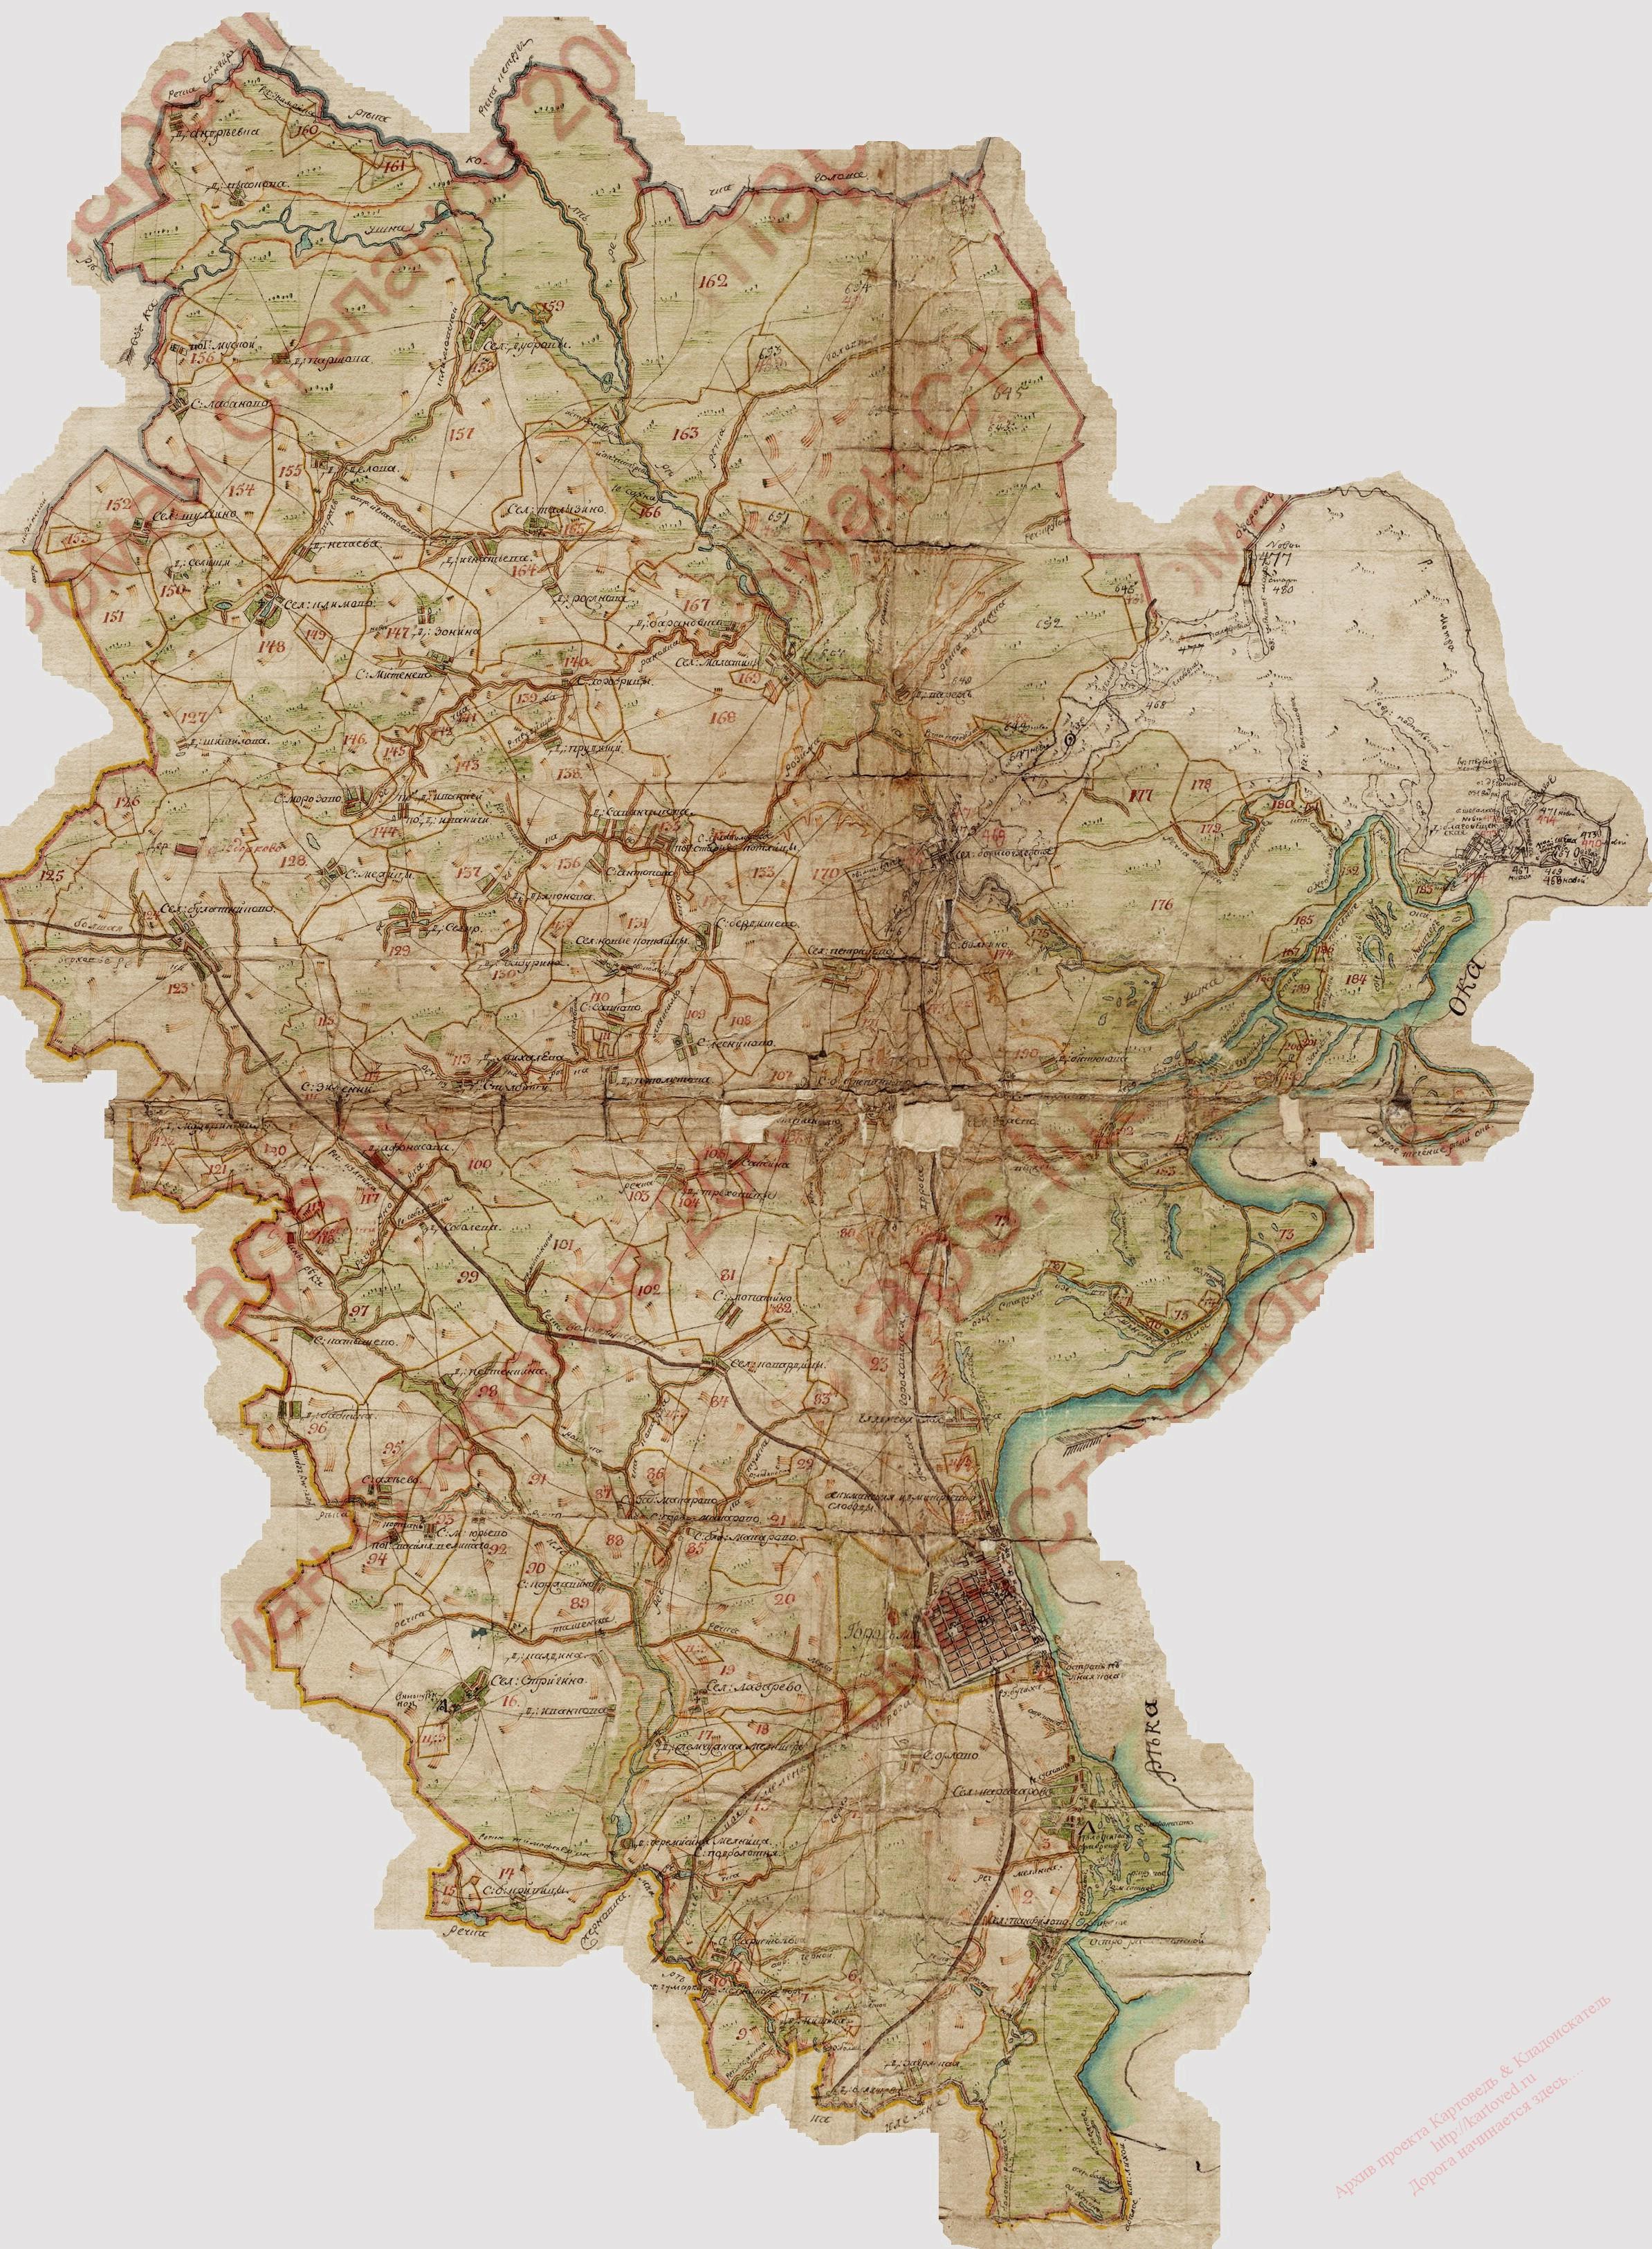 Index of /map/пгм - владимирскагуберни 1780-1790гг/муромский.